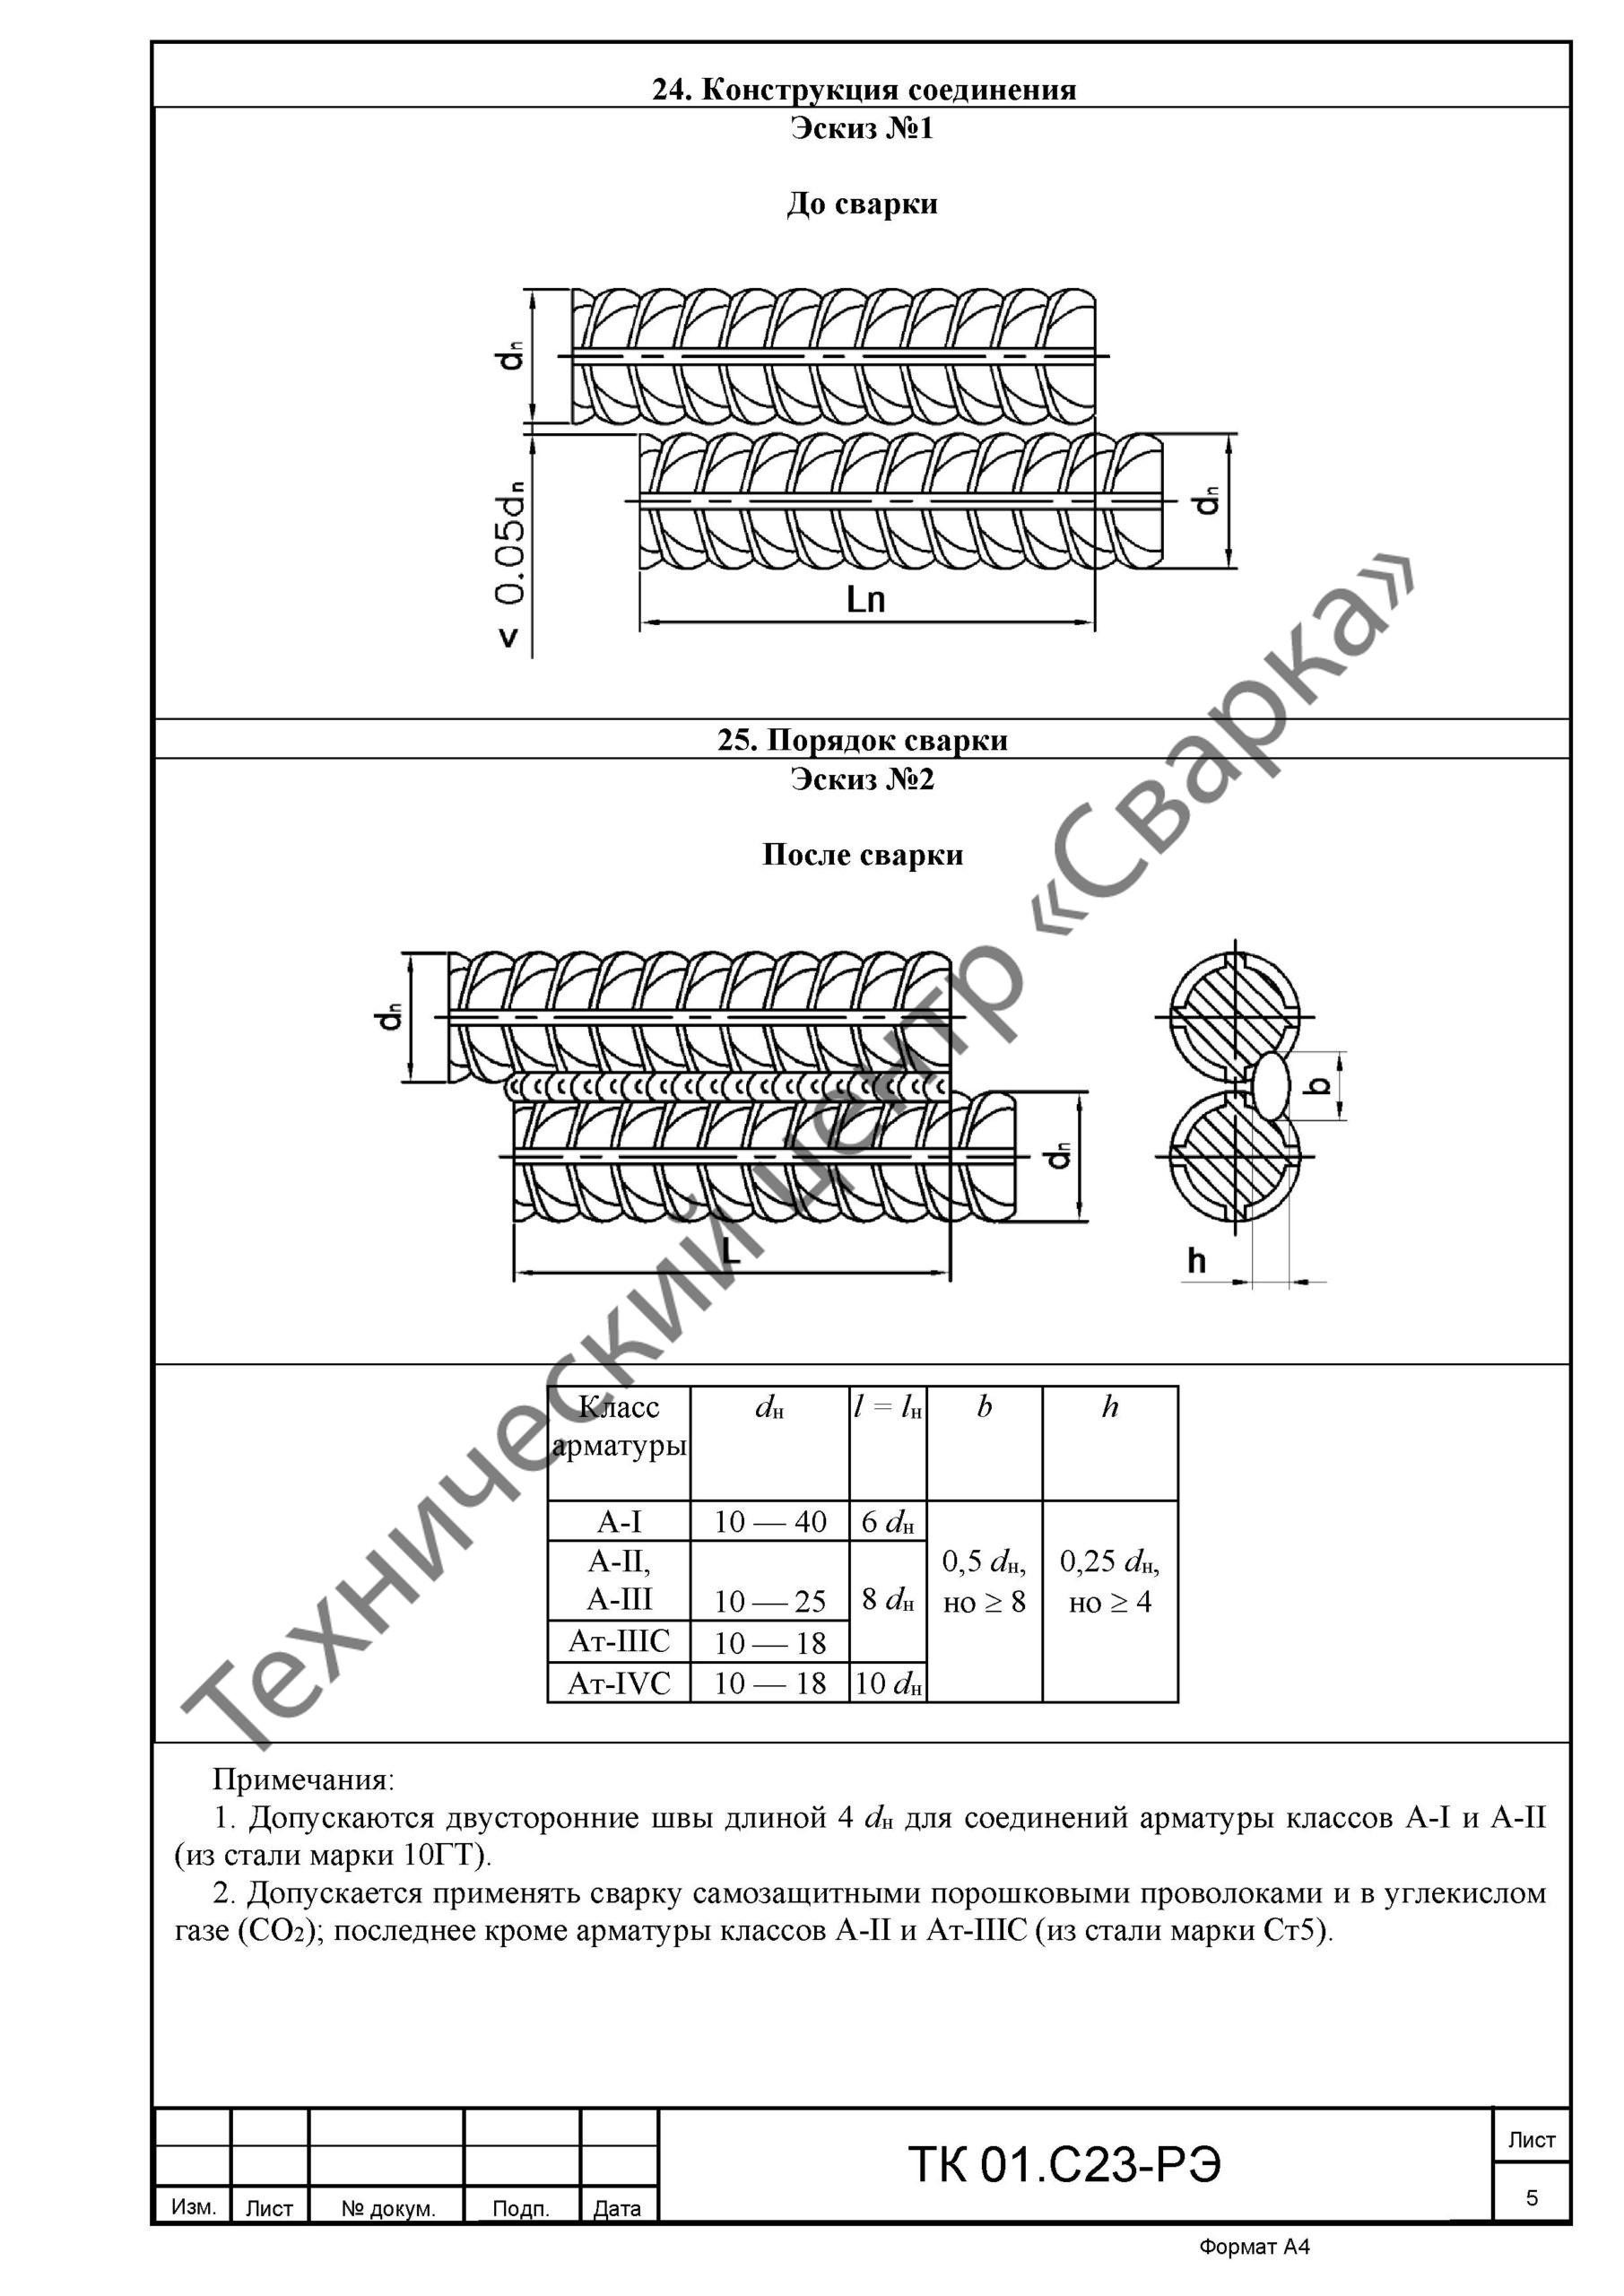 Пример карты технологического процесса сварки из проекта производства сварочных работ